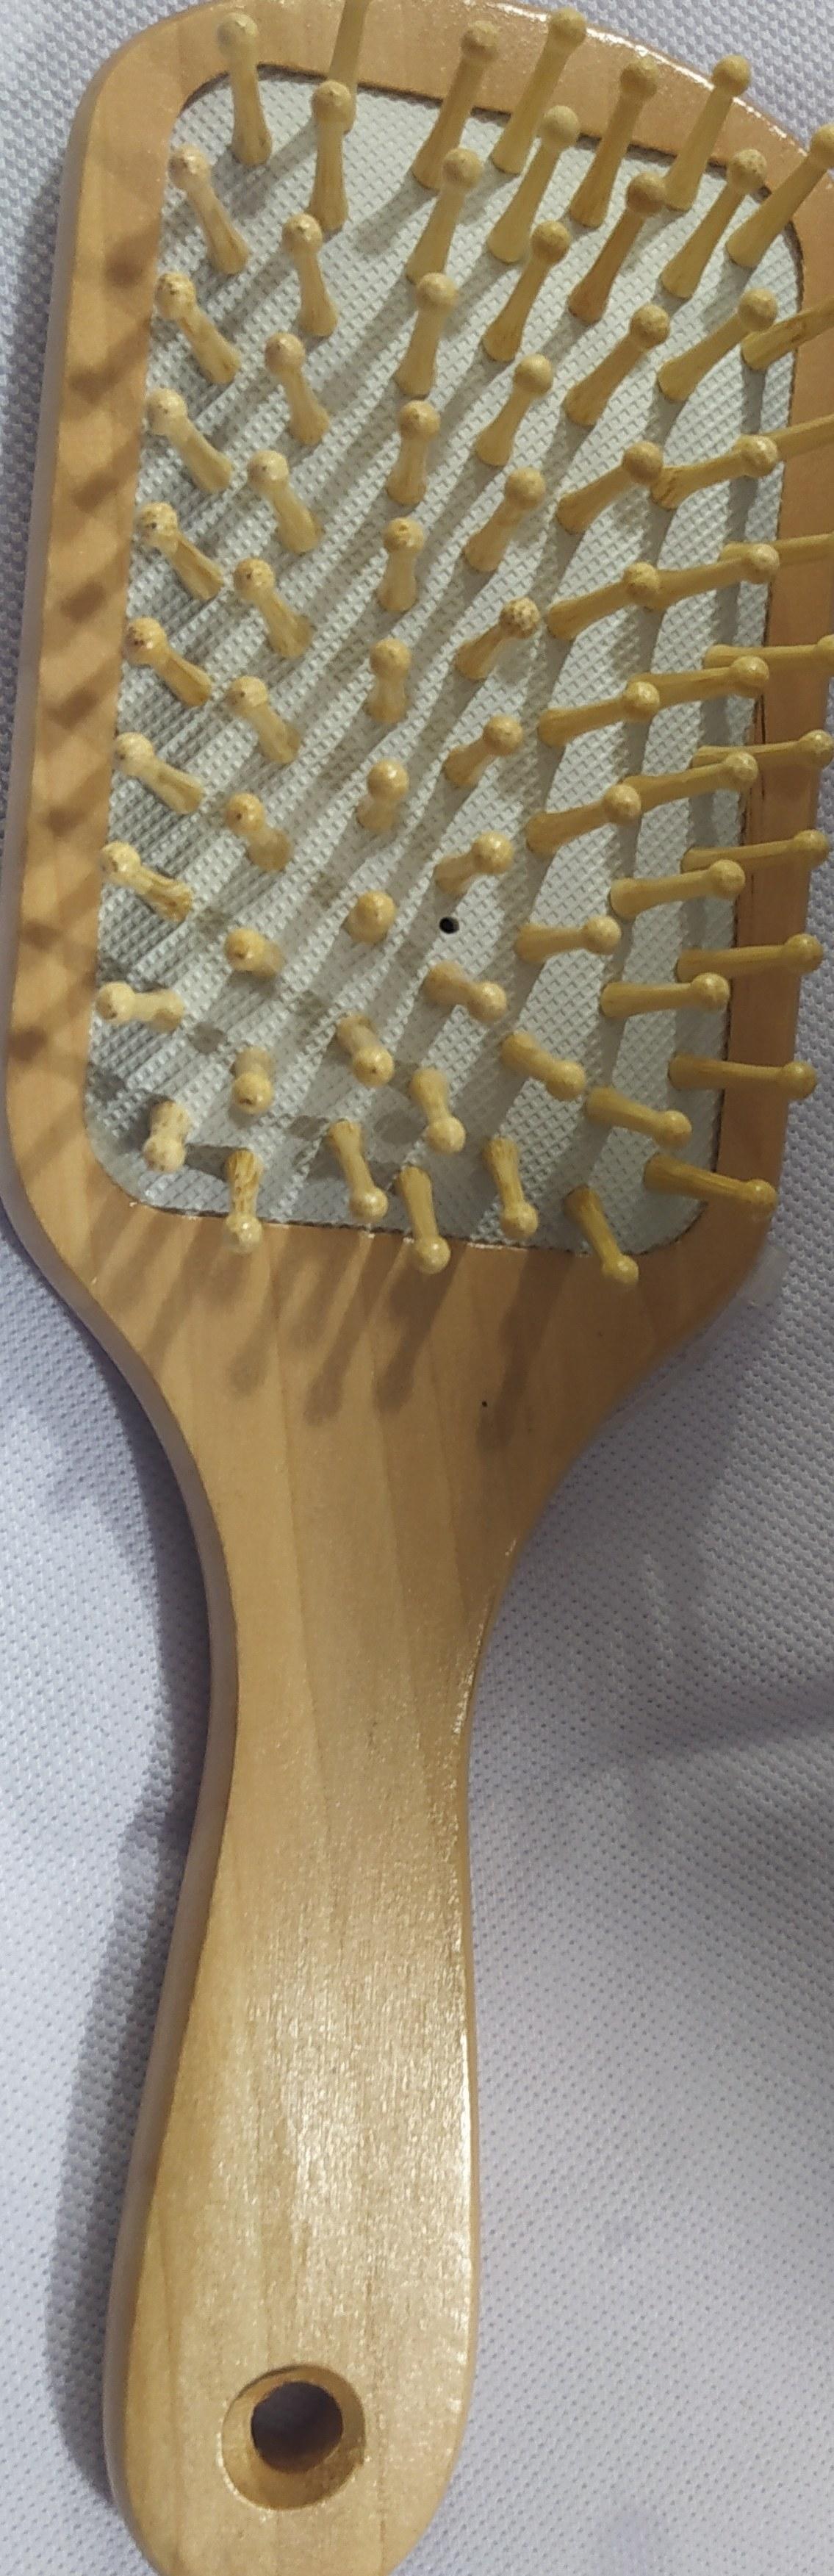 تصویر برس چوبی